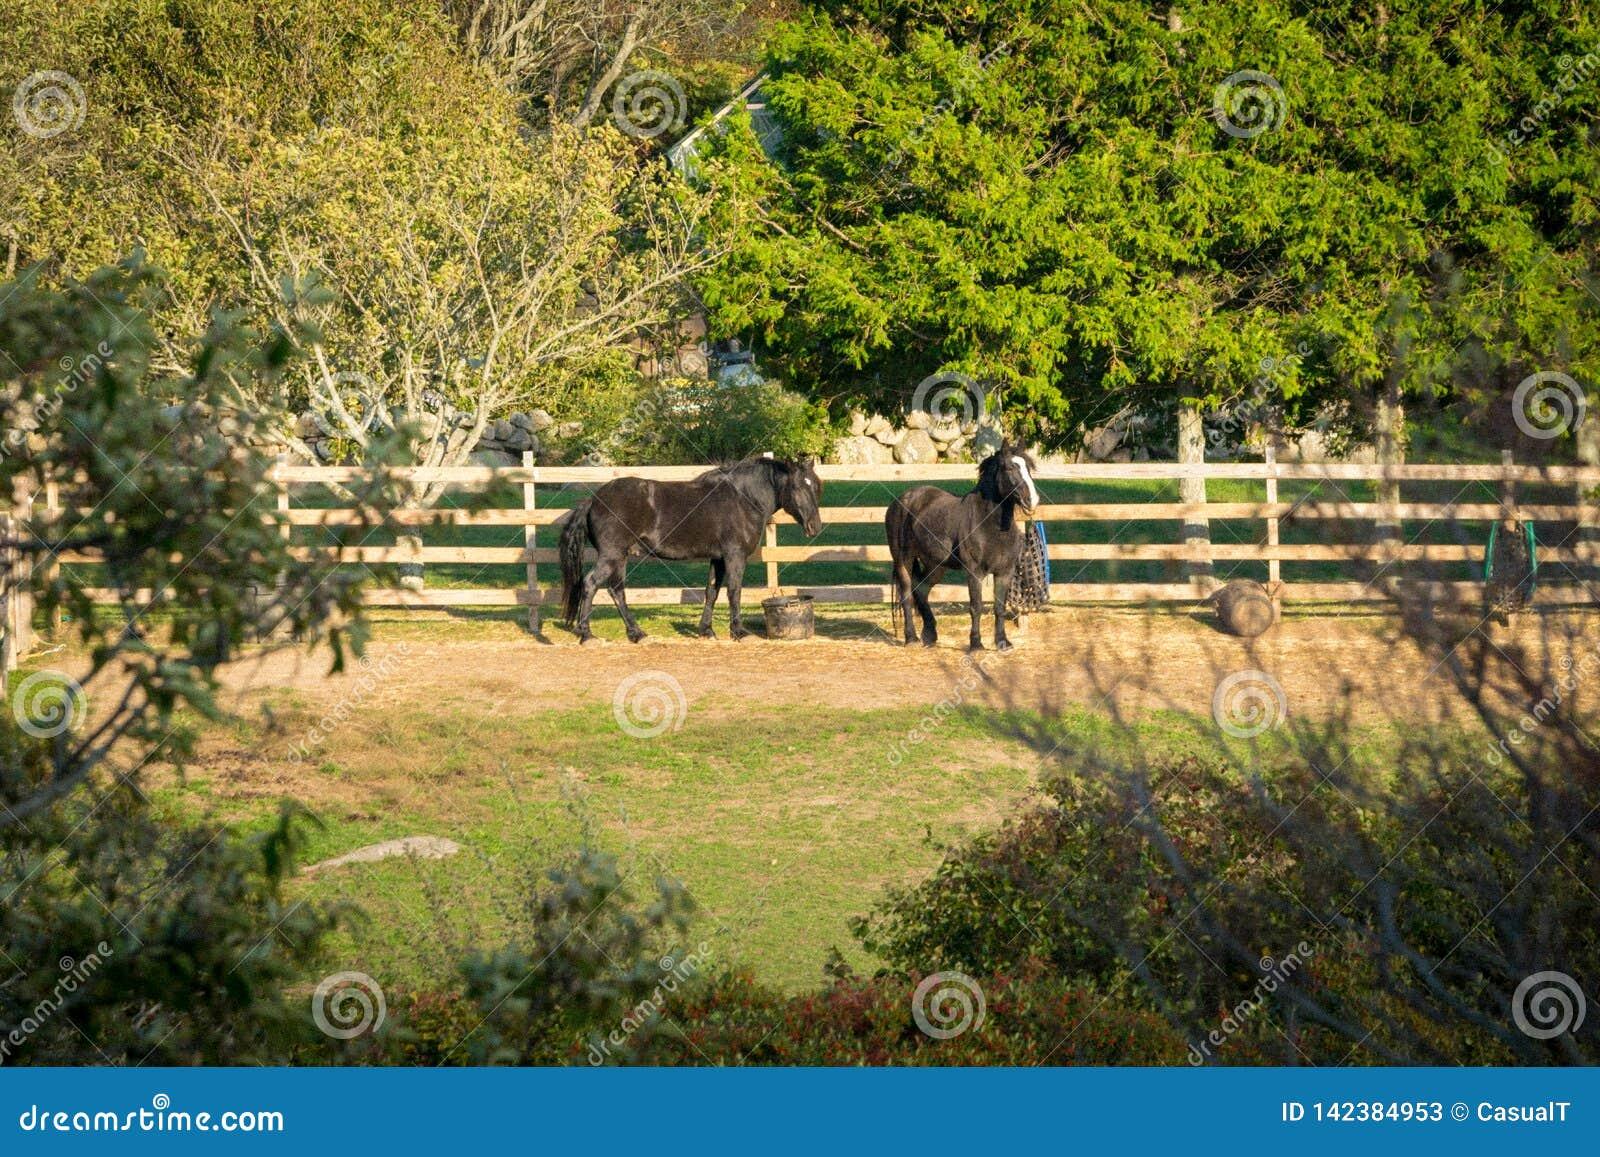 两匹美丽的黑马,放松在他们被围困的畜栏,在树、灌木和大量草中,在温暖